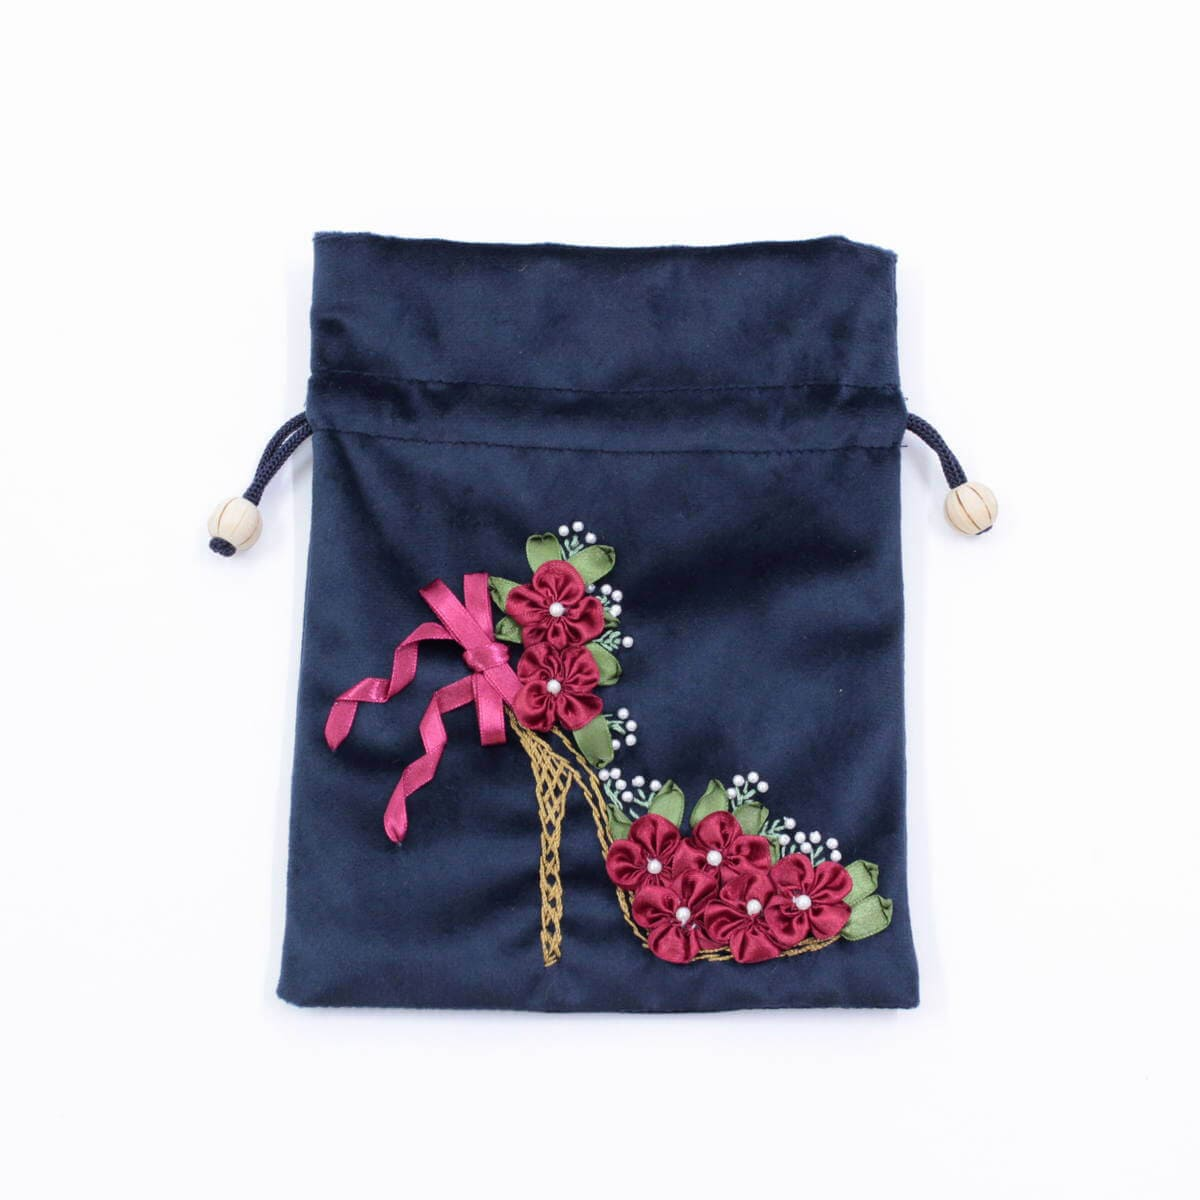 リボン刺しゅう シーナ シリーズの巾着はコンパクトに折りたたんで持ち運べます。